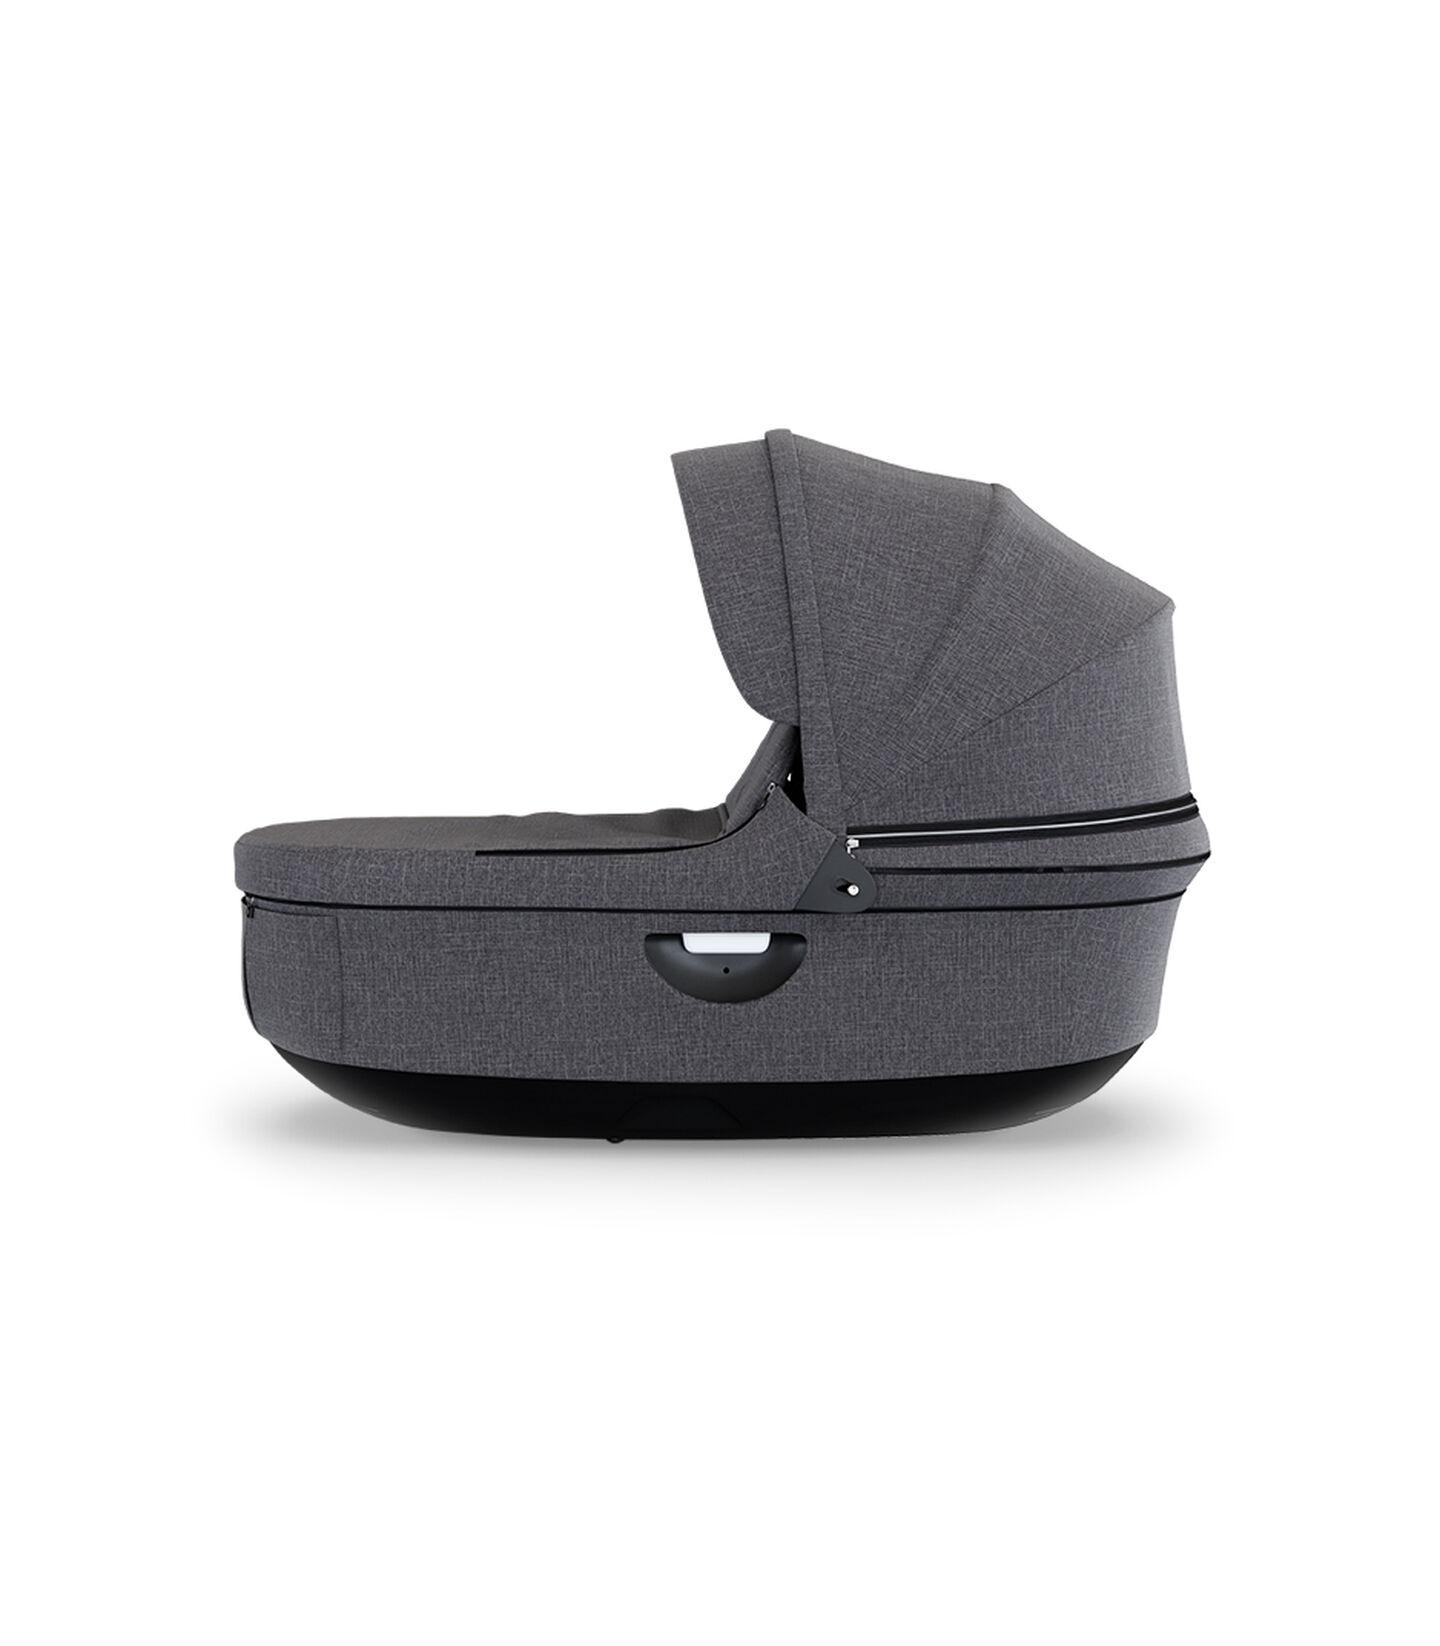 Stokke® Stroller Black Carry Cot Black Melange, Noir mélange, mainview view 2